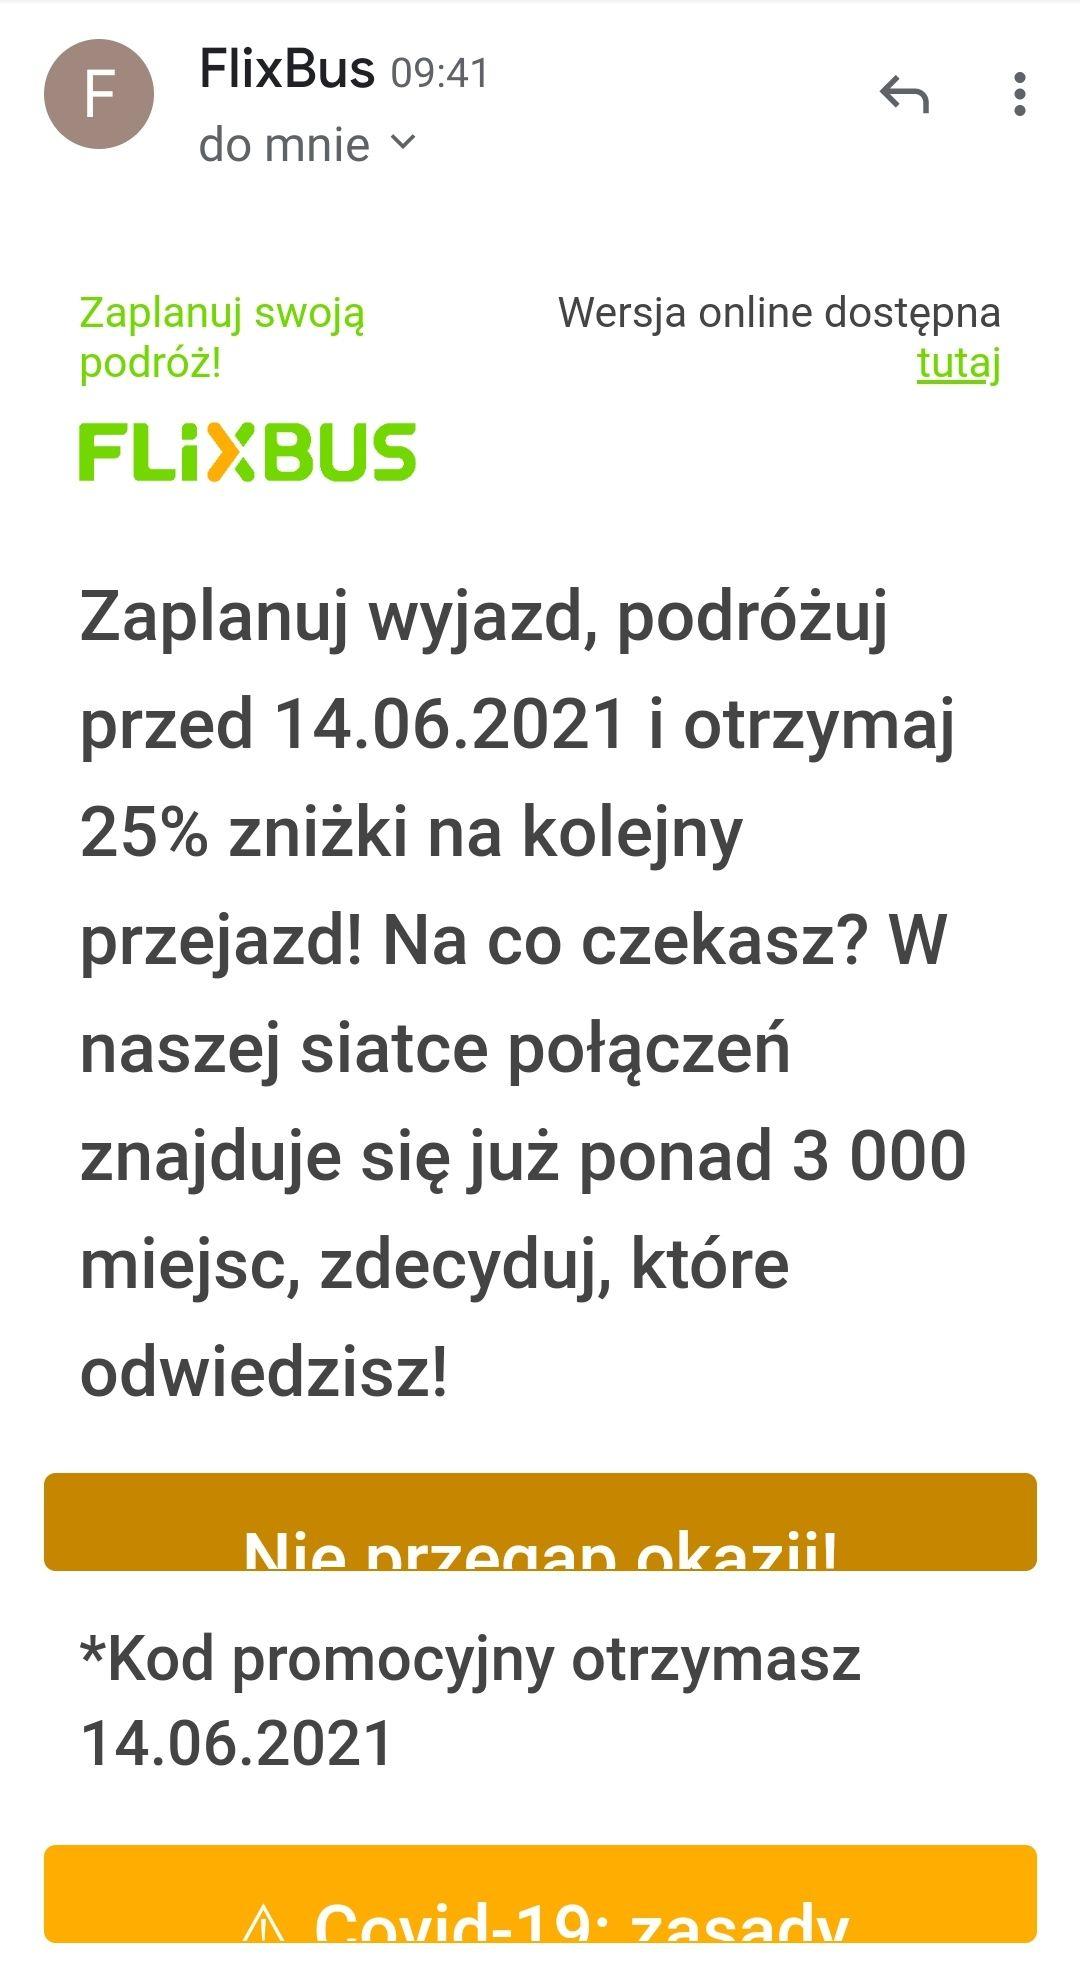 Zniżka na kolejny przejazd 25% na Flixbus